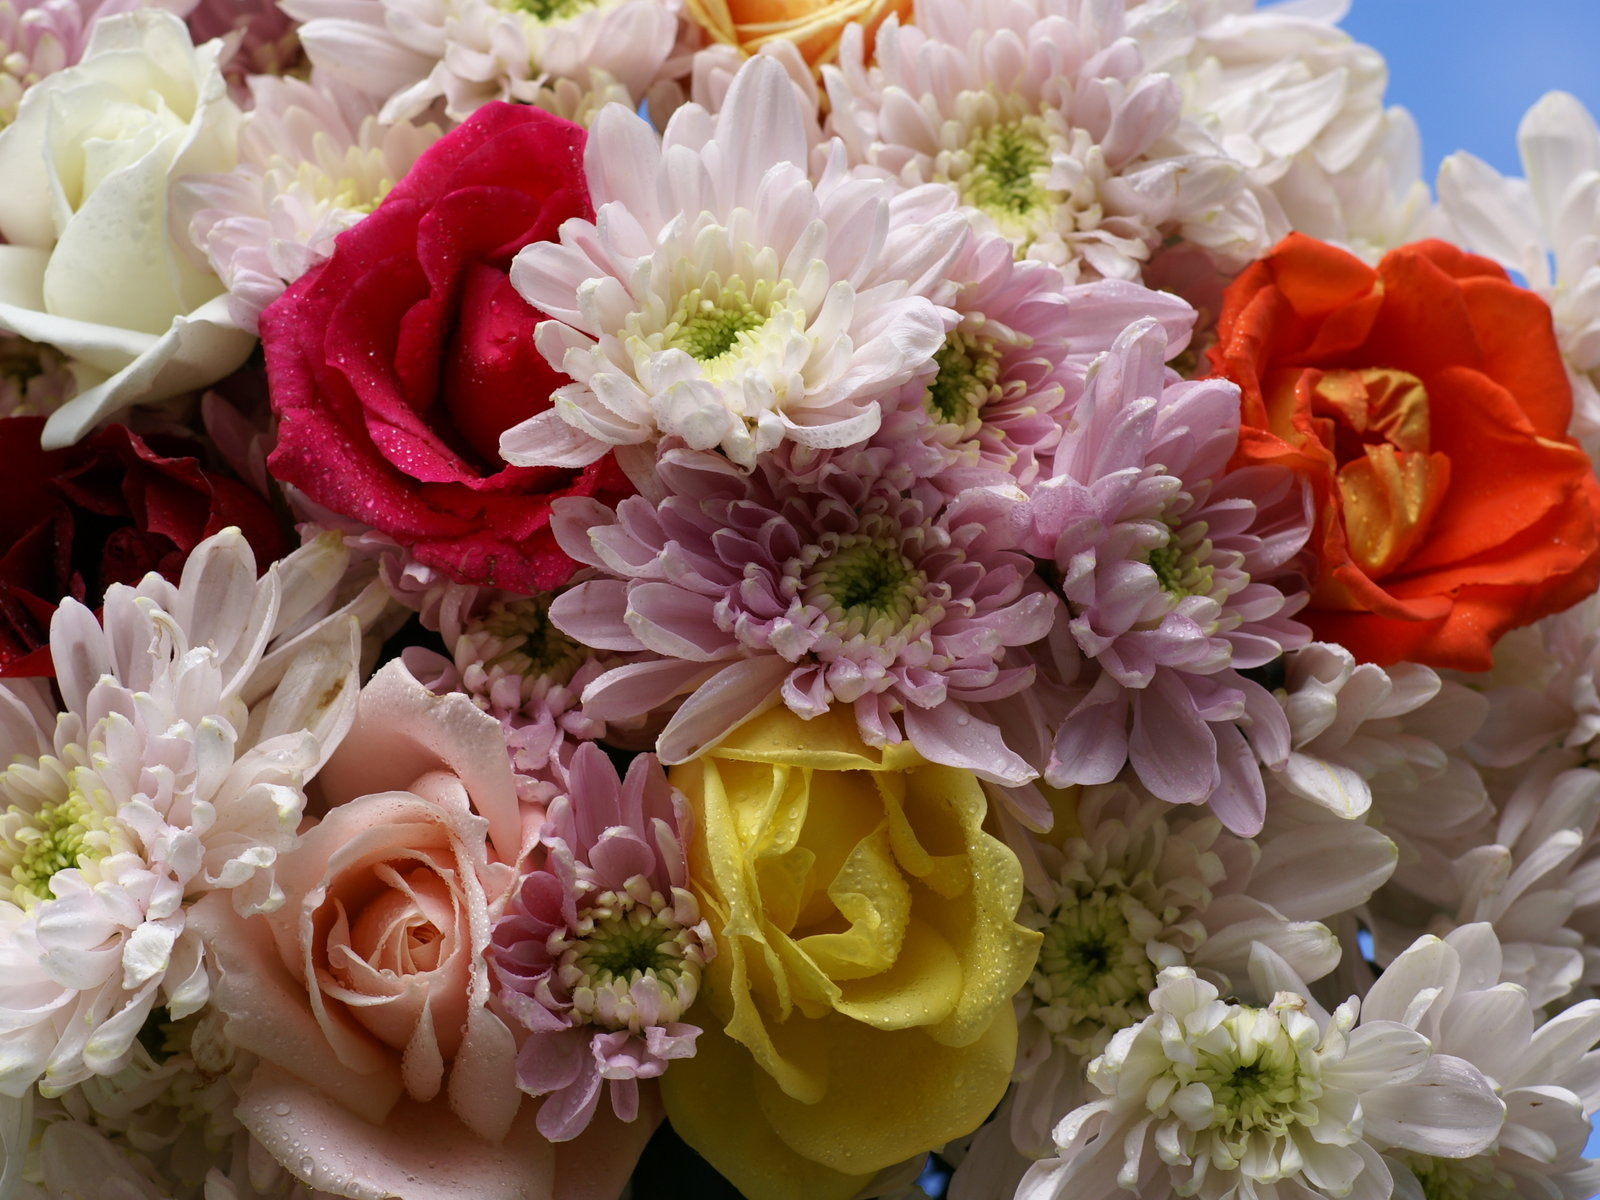 Imagenes De Ramos De Flores Lindas - 60 fotografías de las flores más hermosas del mundo